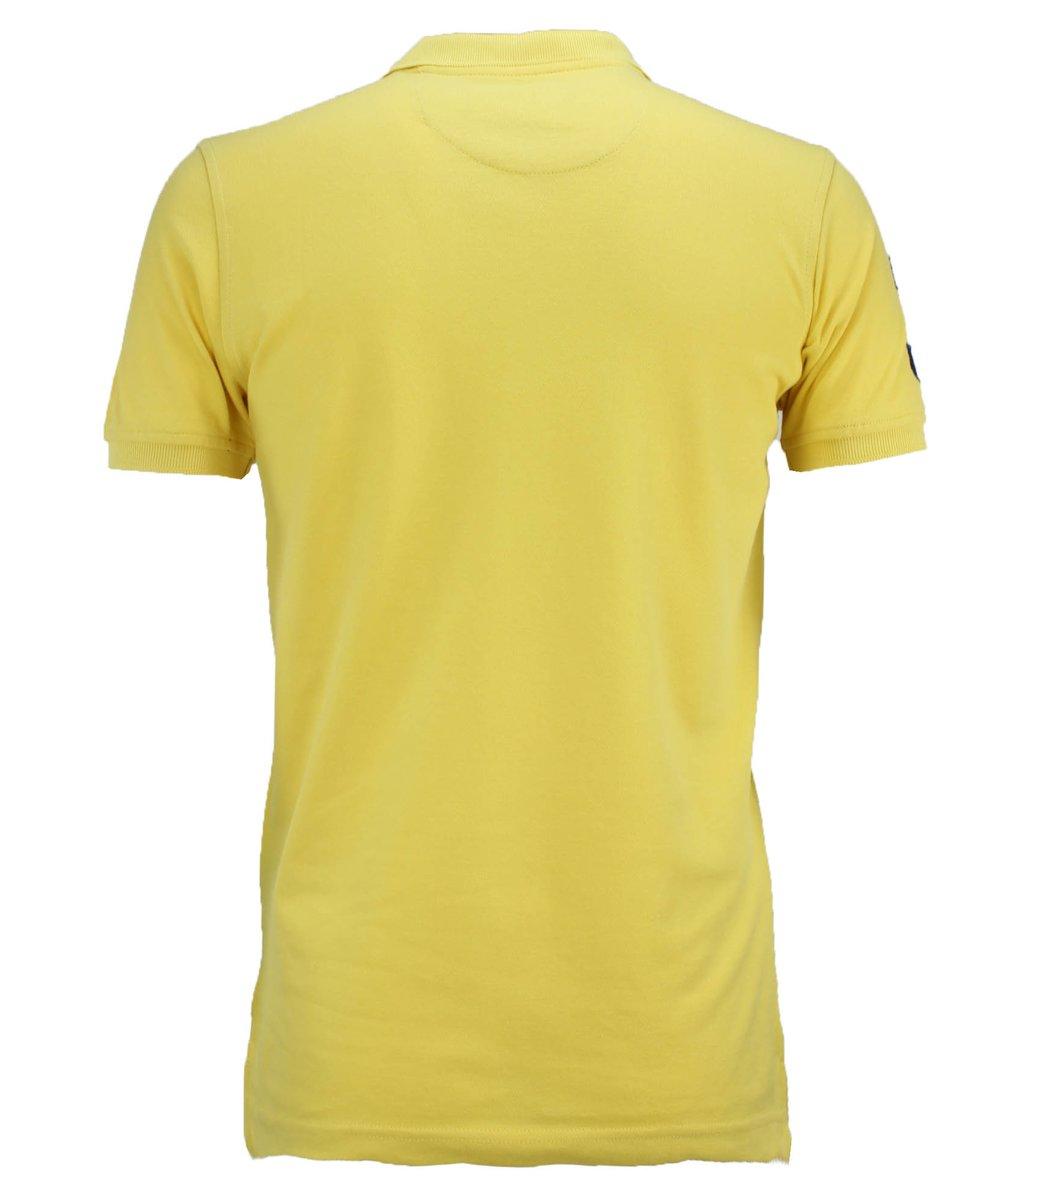 Желтая футболка поло Ralph Lauren RL3 (2)